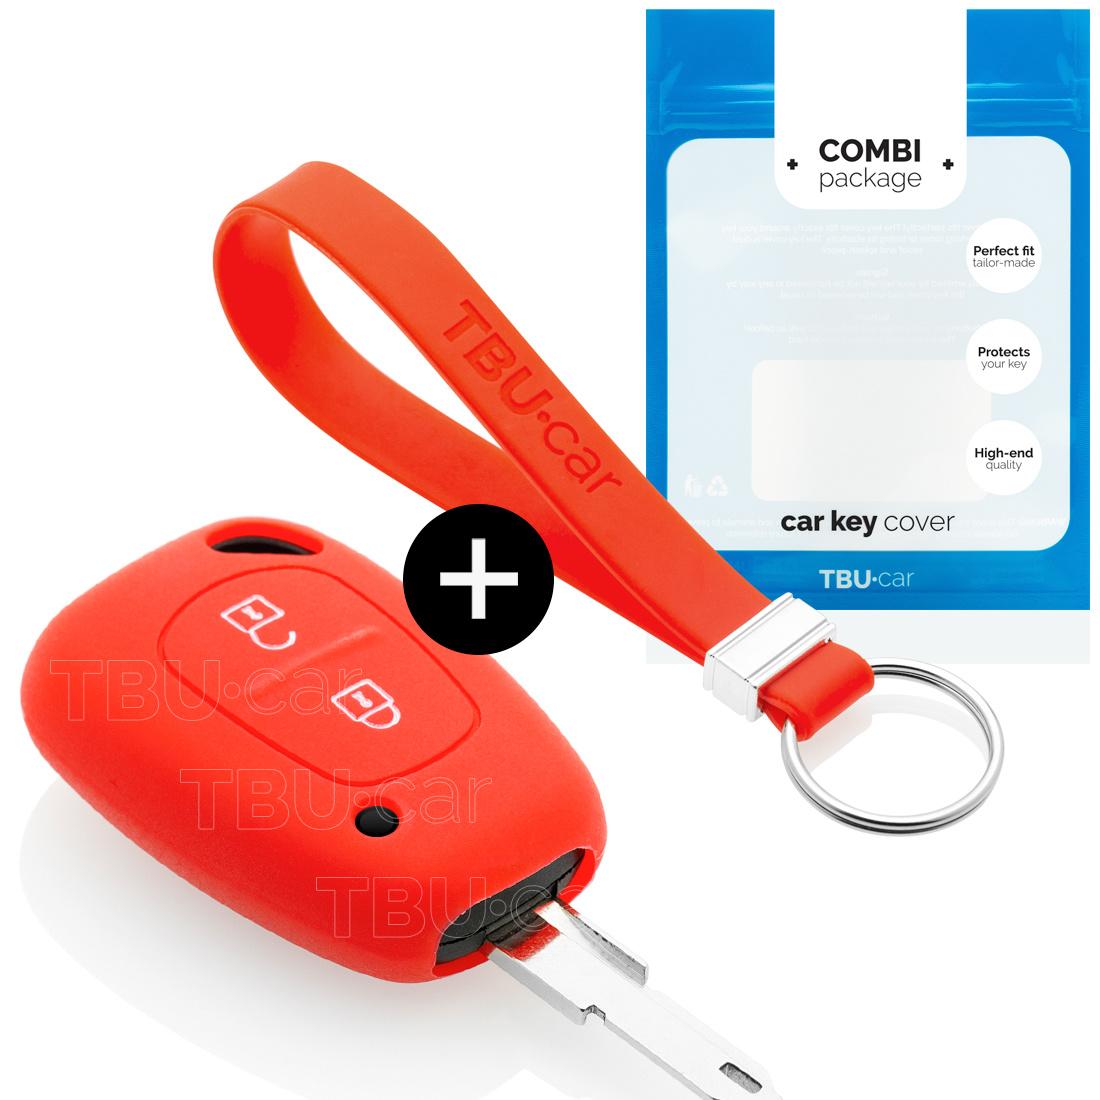 TBU·CAR Nissan Autoschlüssel Hülle - Silikon Schutzhülle - Schlüsselhülle Cover - Rot